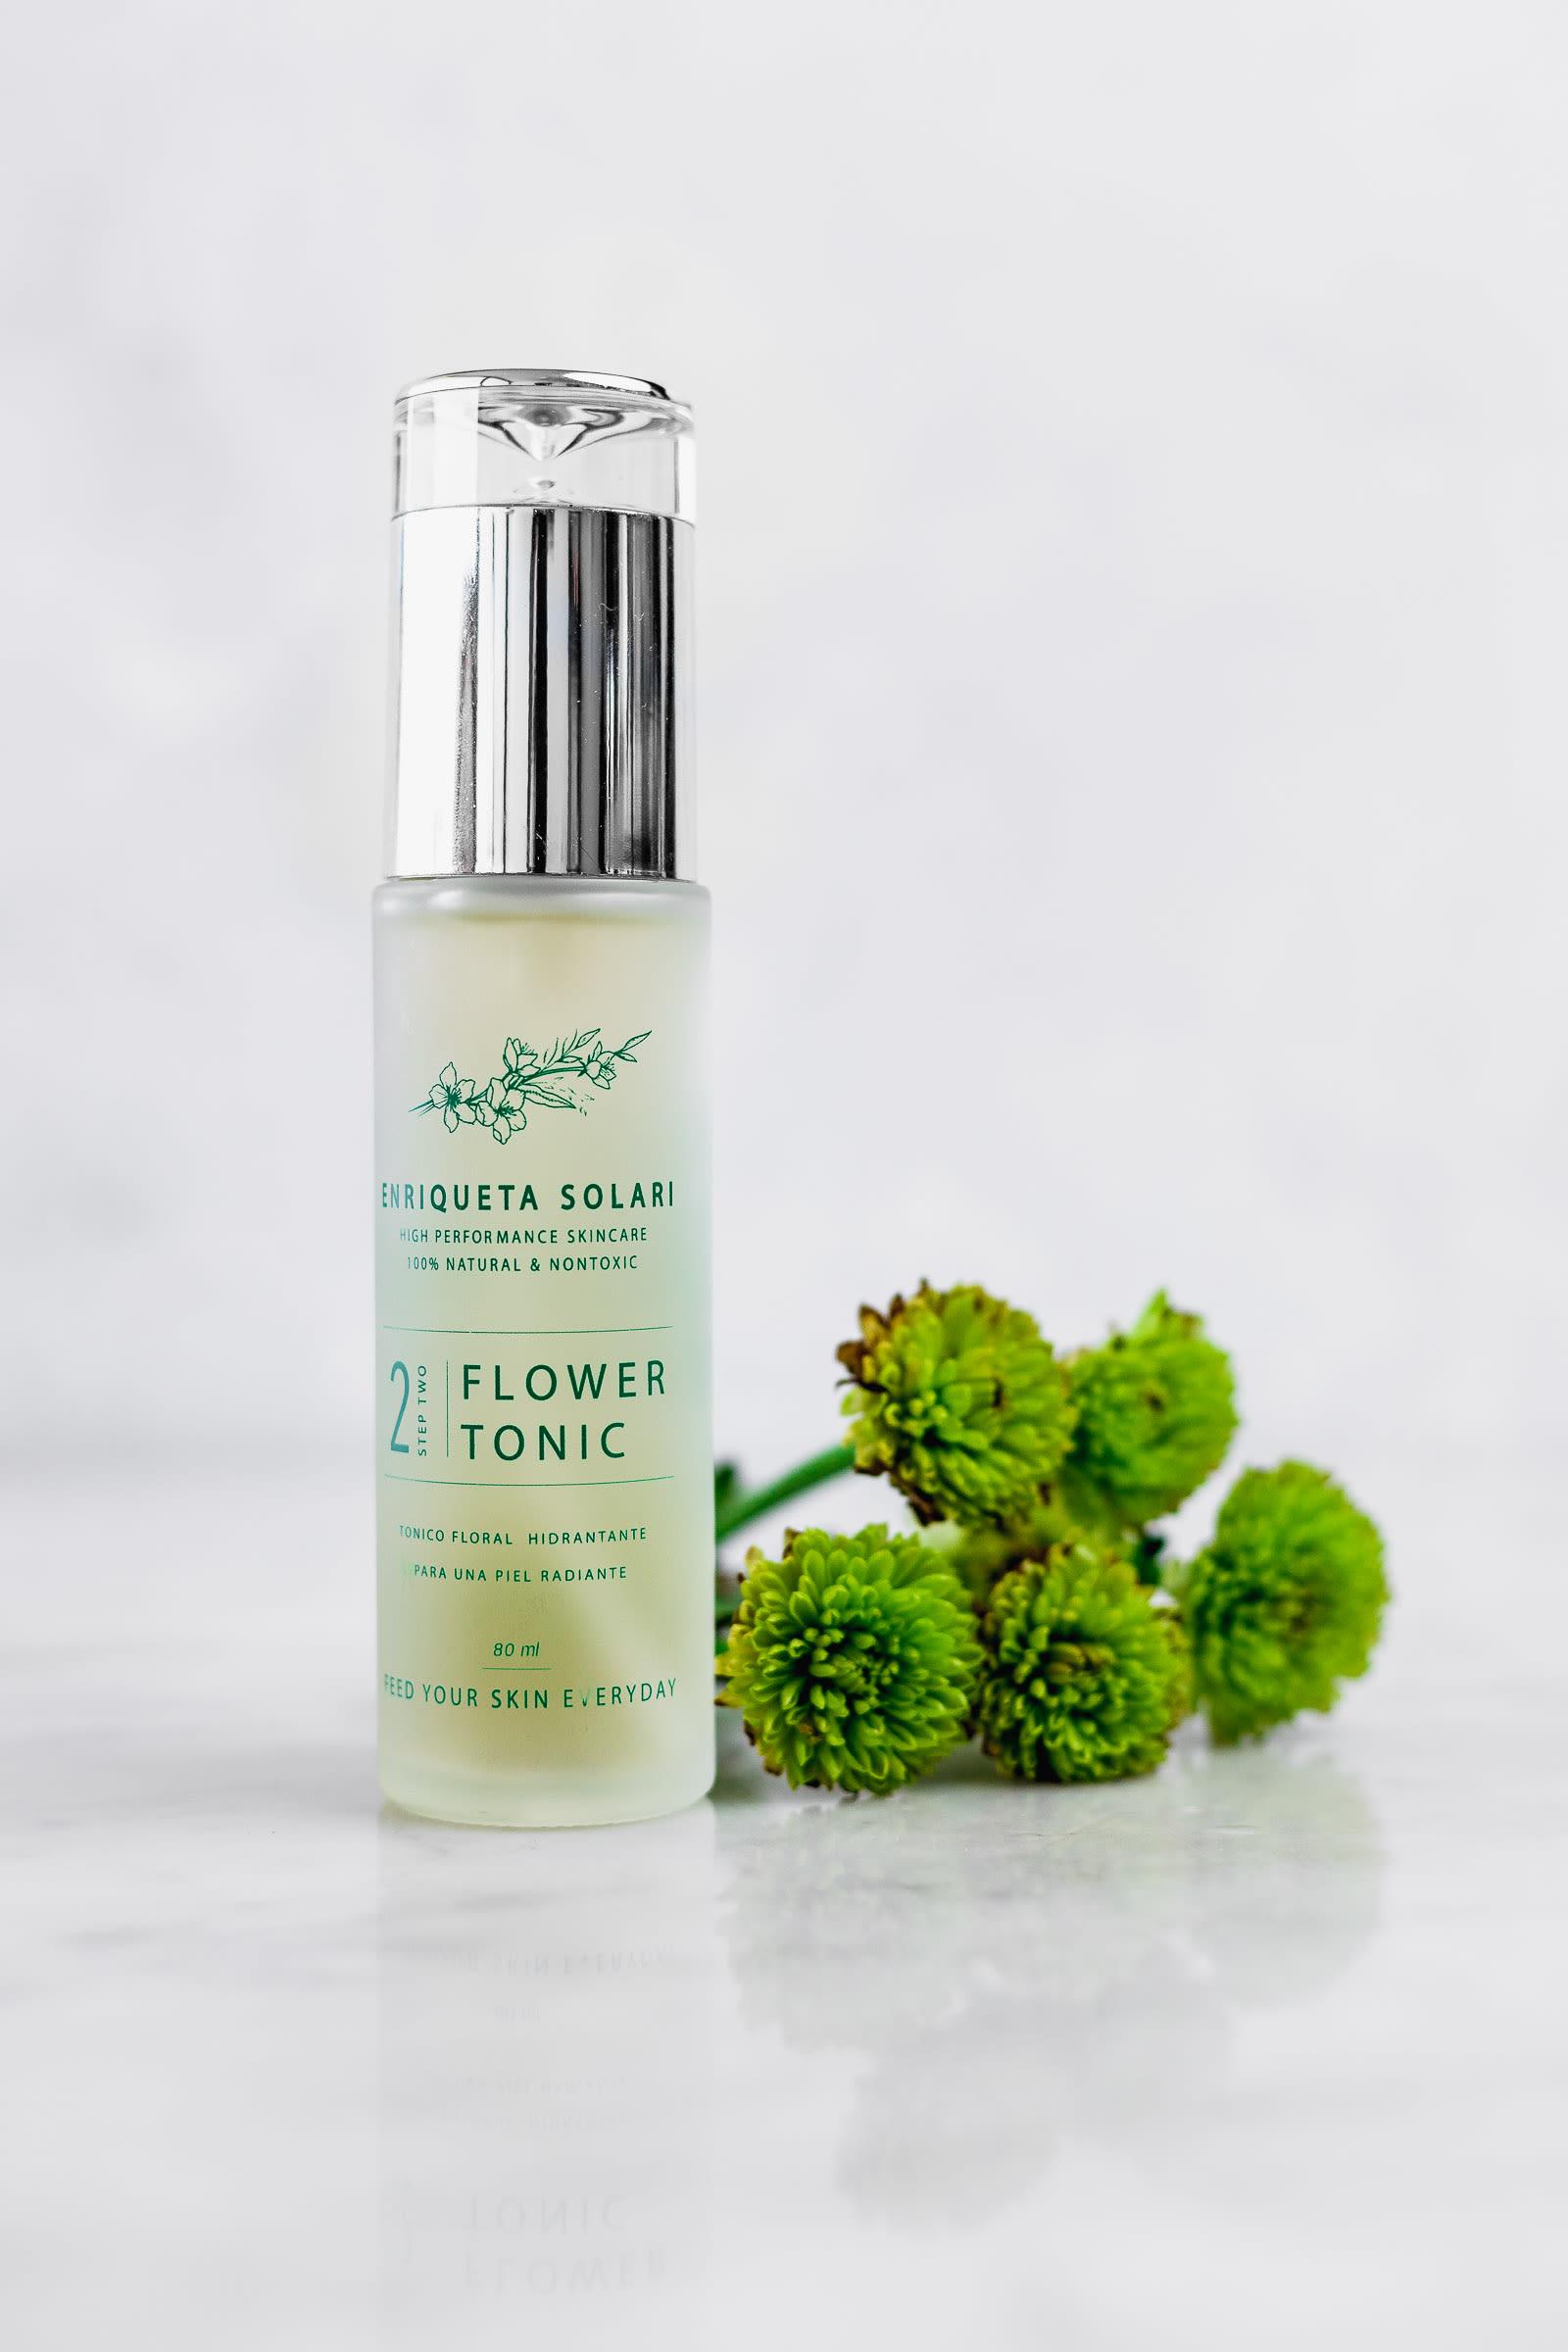 Flower Tonic